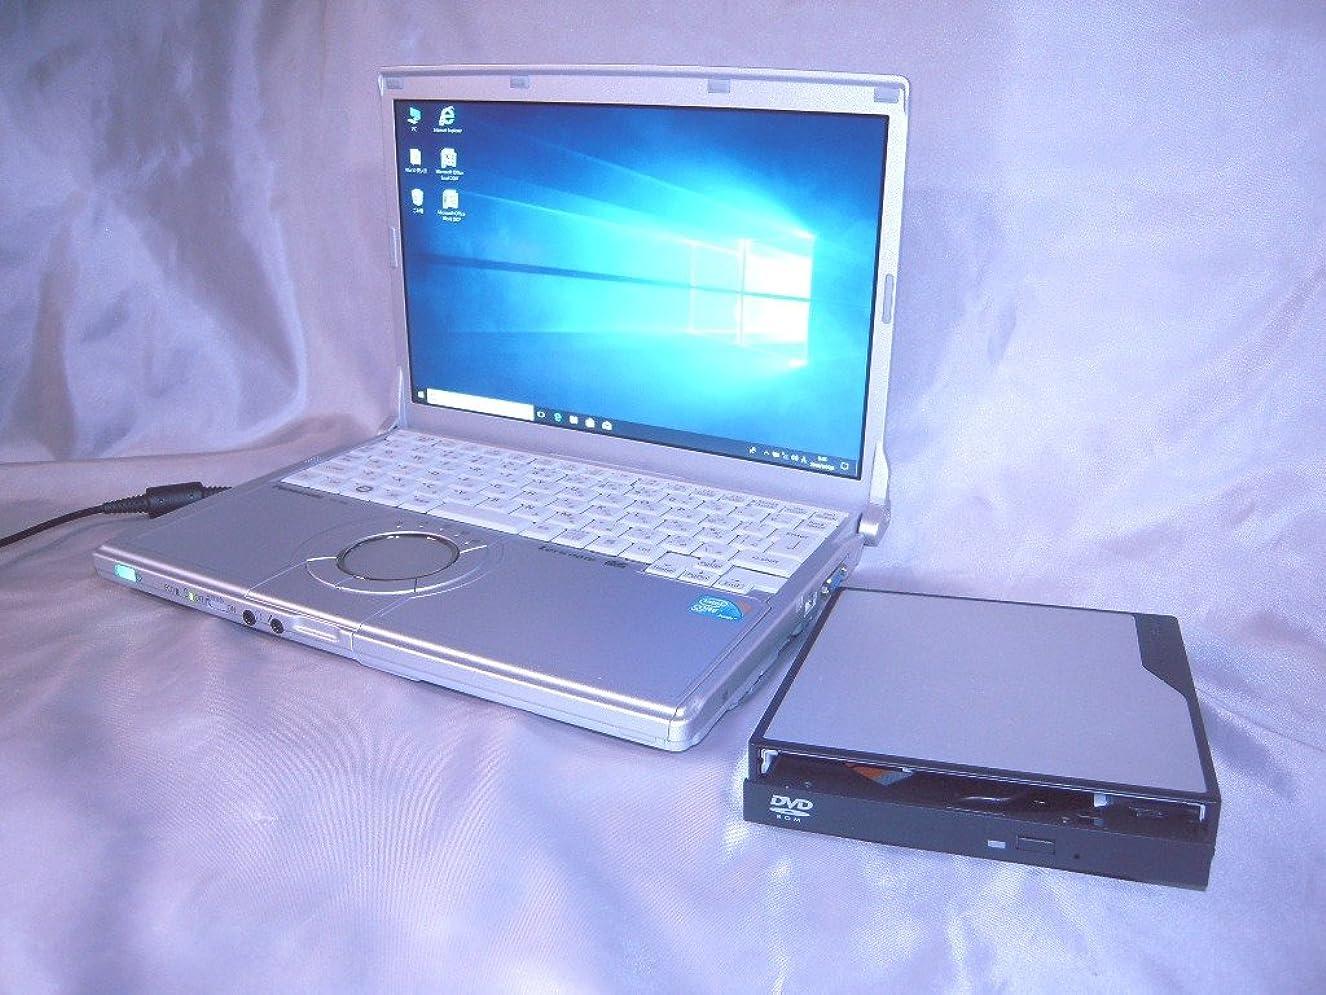 未知の奪う精査動作爆速 新品 SSD搭載 Windows10 Pro Core i5 無線LAN PanasonicノートPC 12.1型ワイド液晶 4GB/120GB 復元ソフト Microsoft office お買い上げ特典有